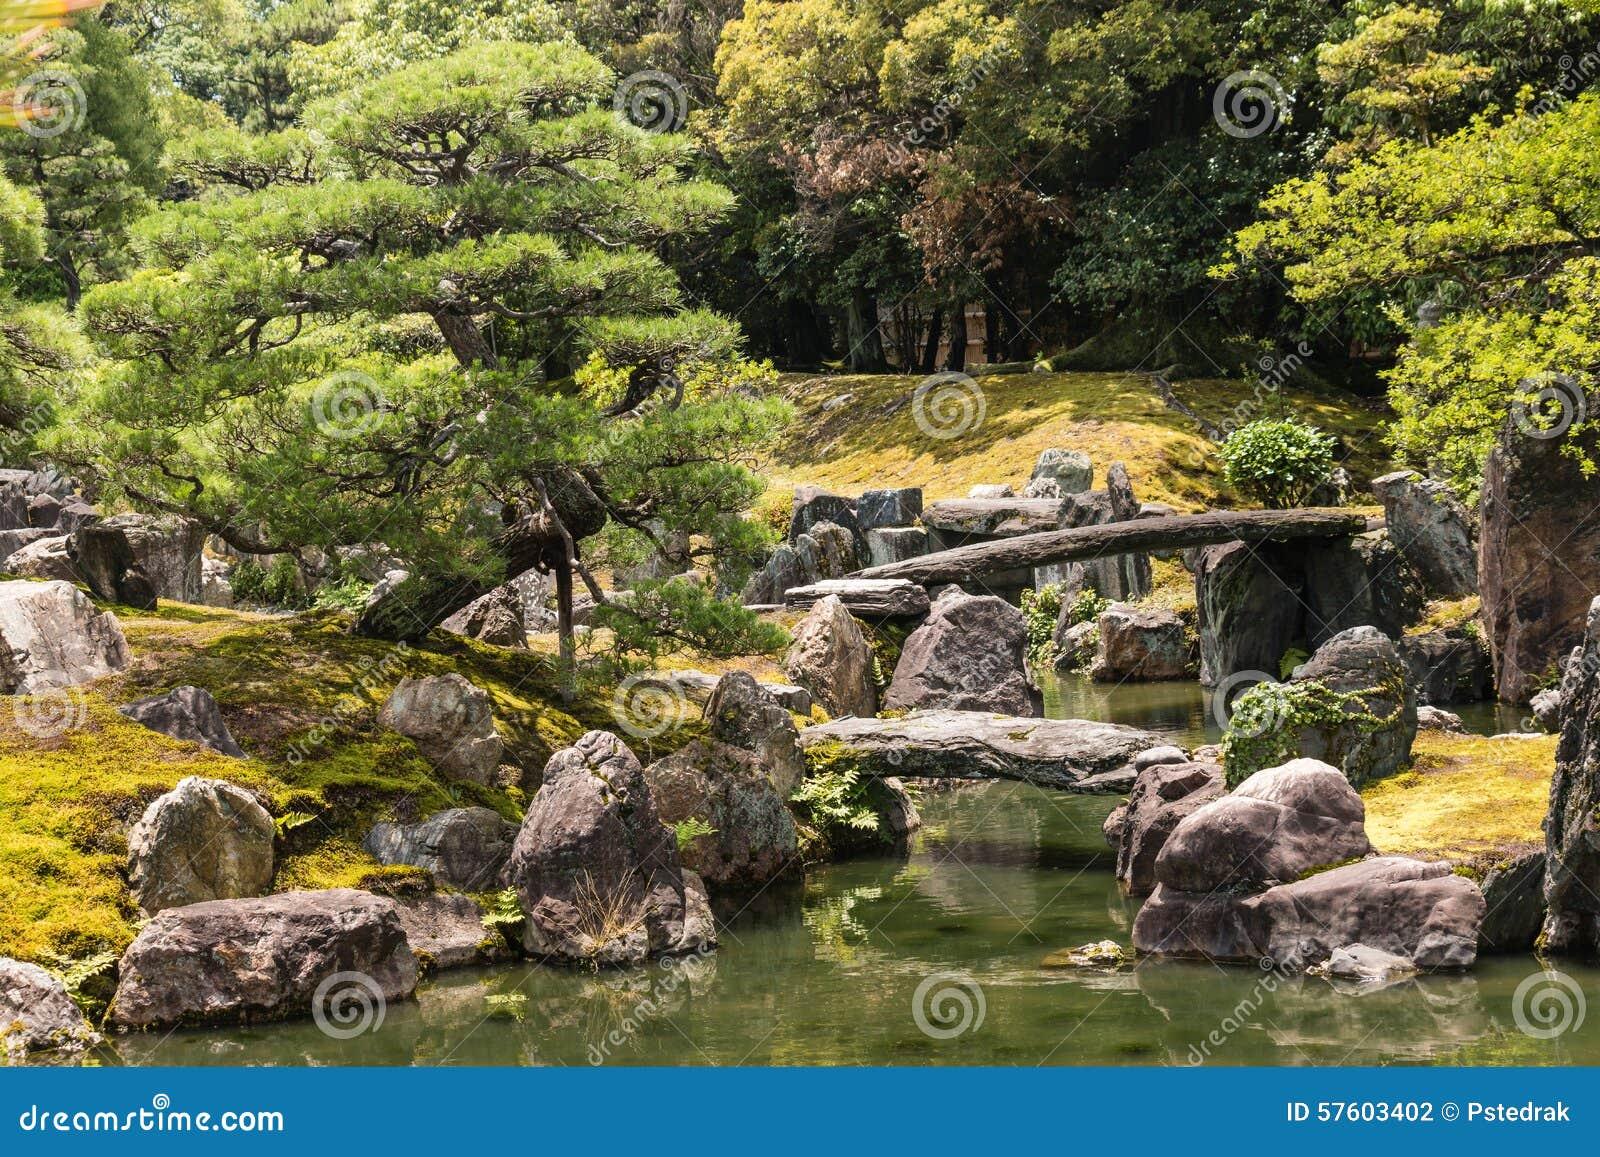 Japanese zen gardens with pond -  Japanese Zen Garden With Pond